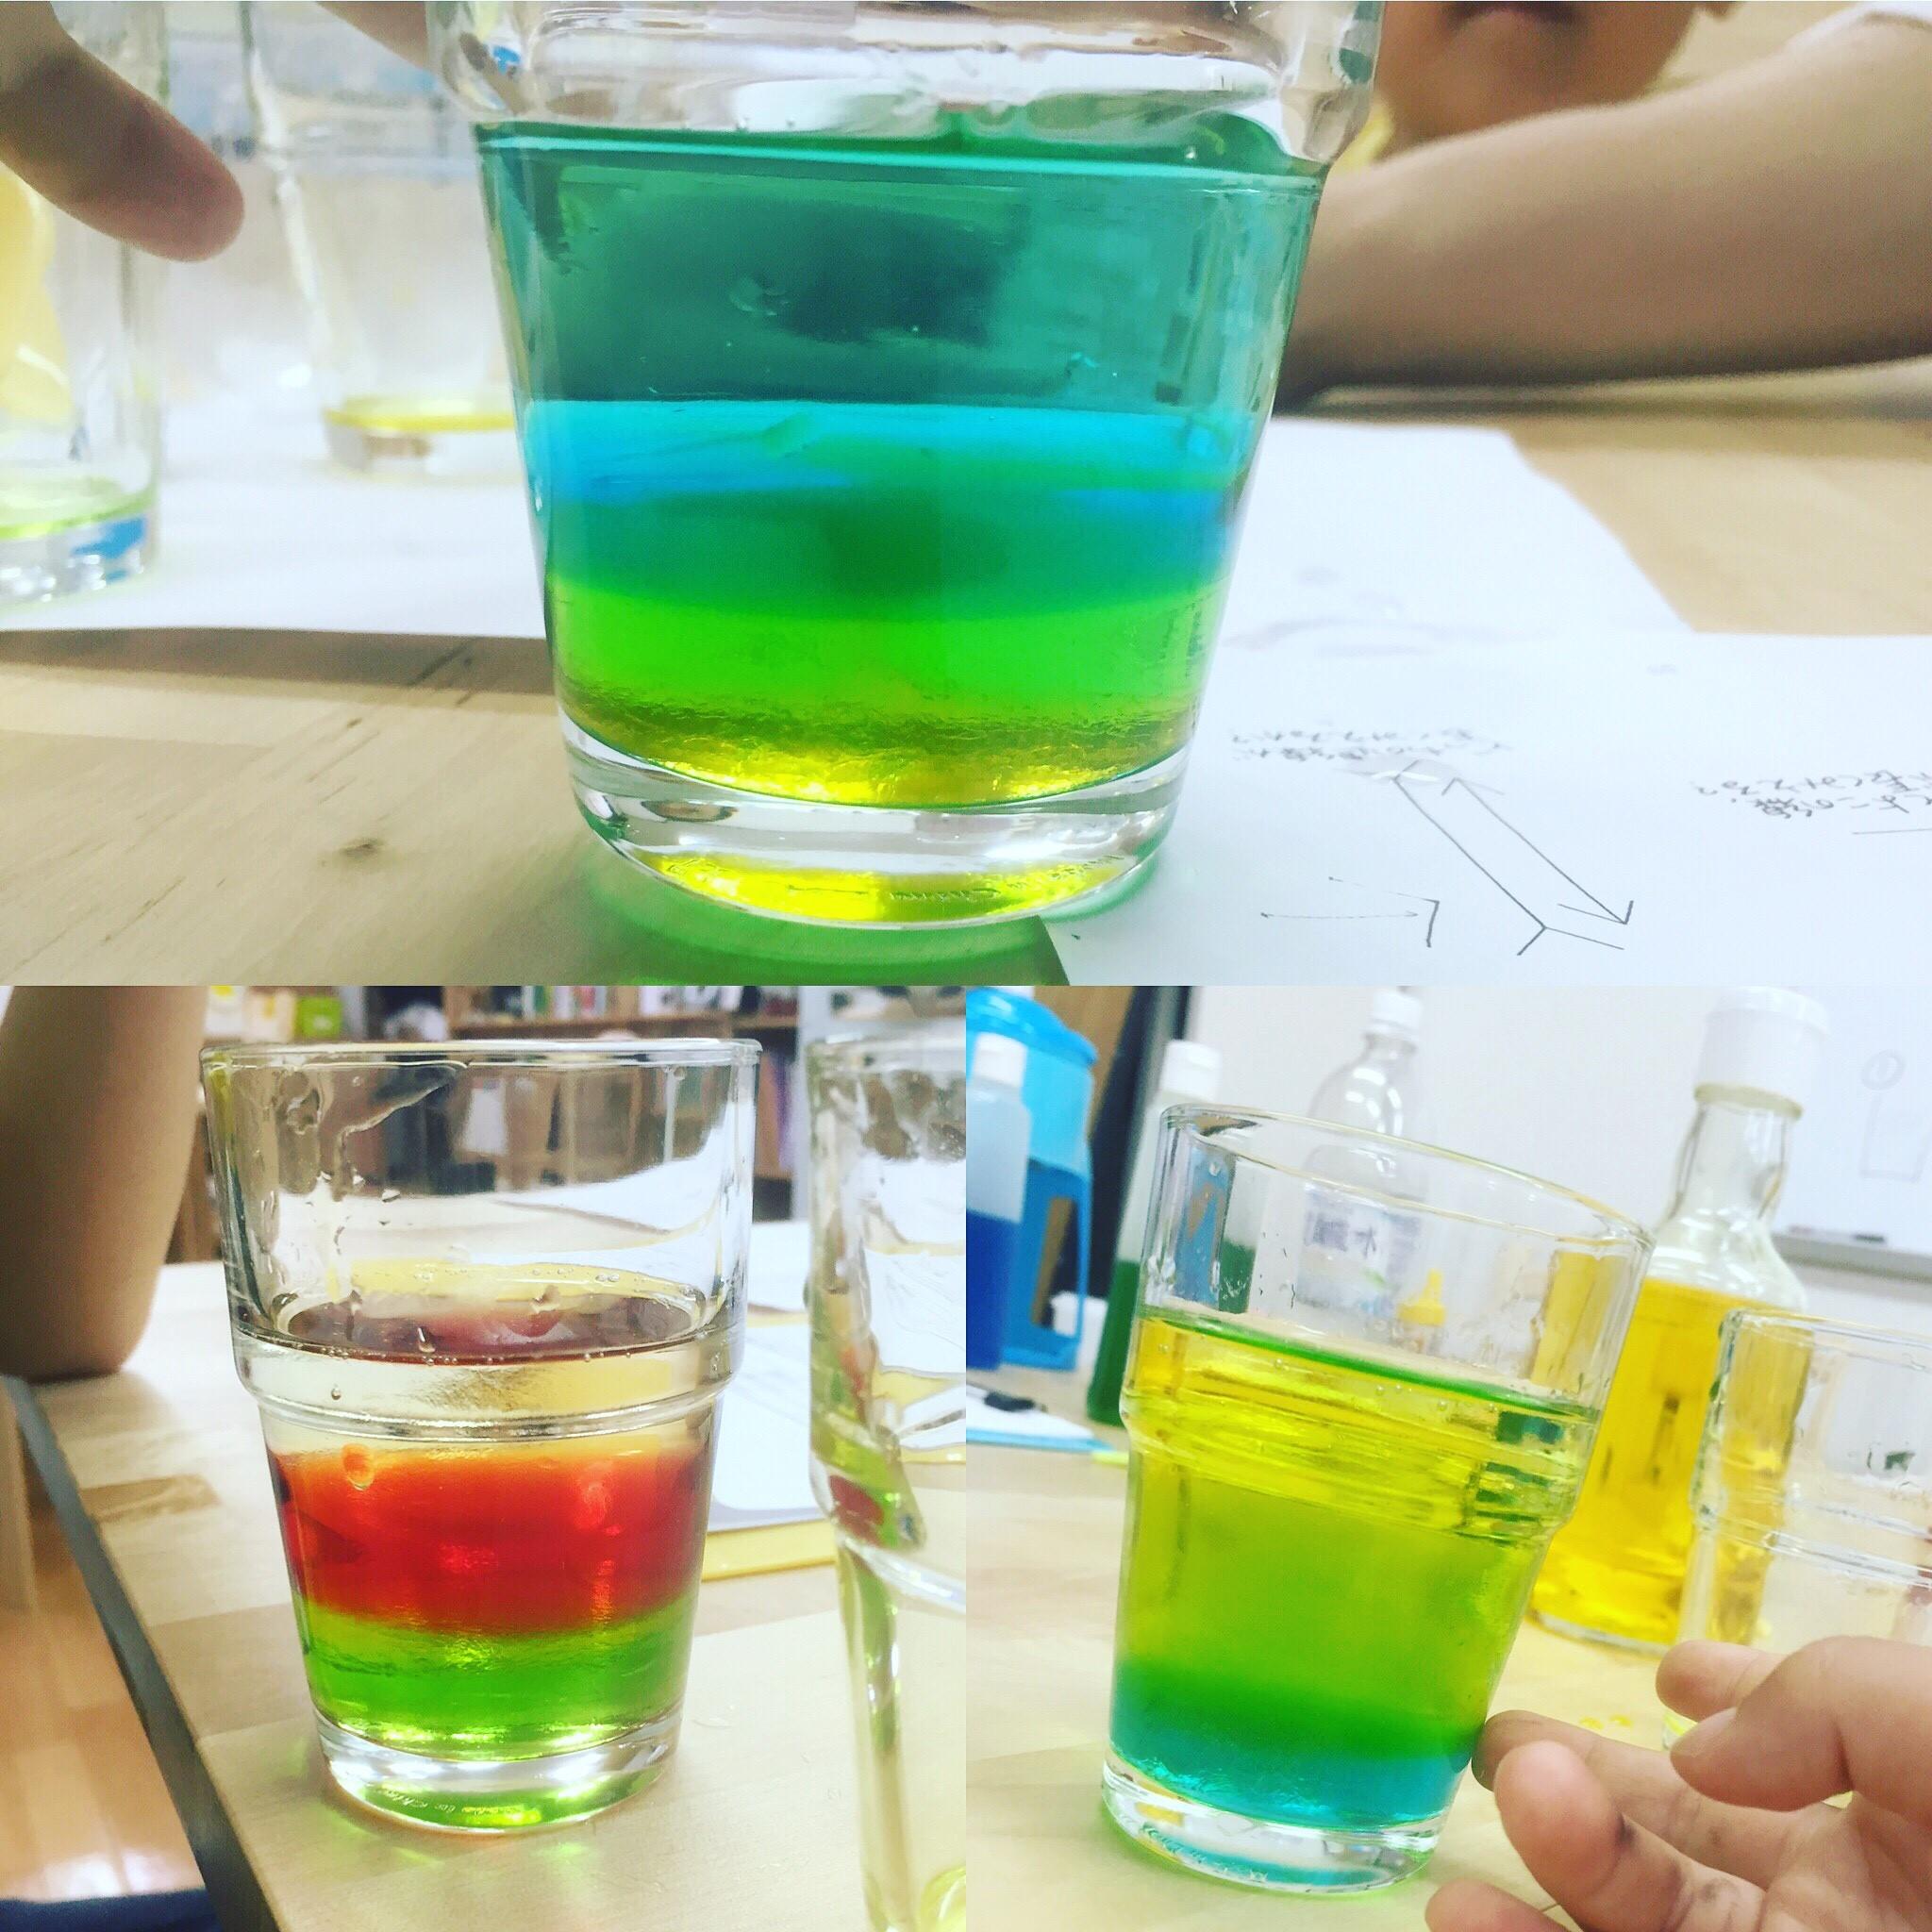 お楽しみ実験2「かき氷」の秘密!?